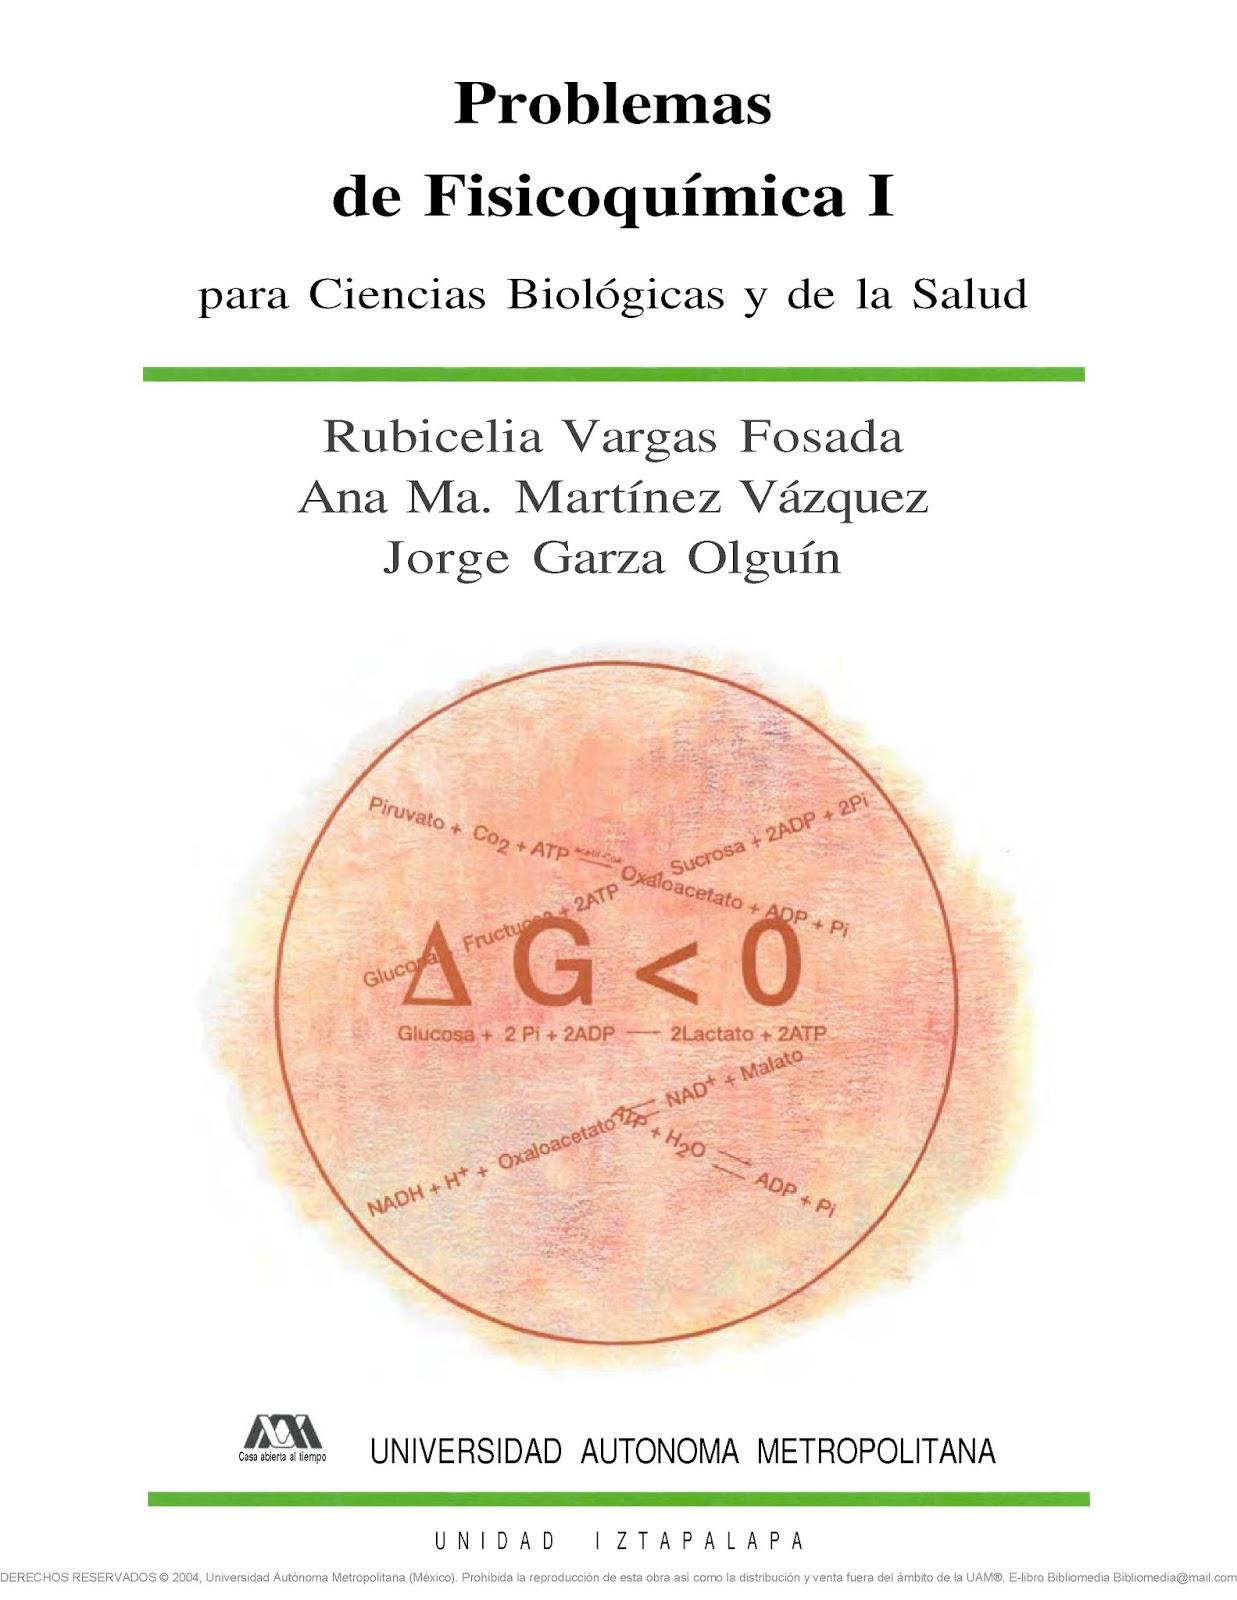 Problemas de Fisicoquímica I: Para Ciencias Biologicas y de la Salud – Rubicelia Vargas Fosada